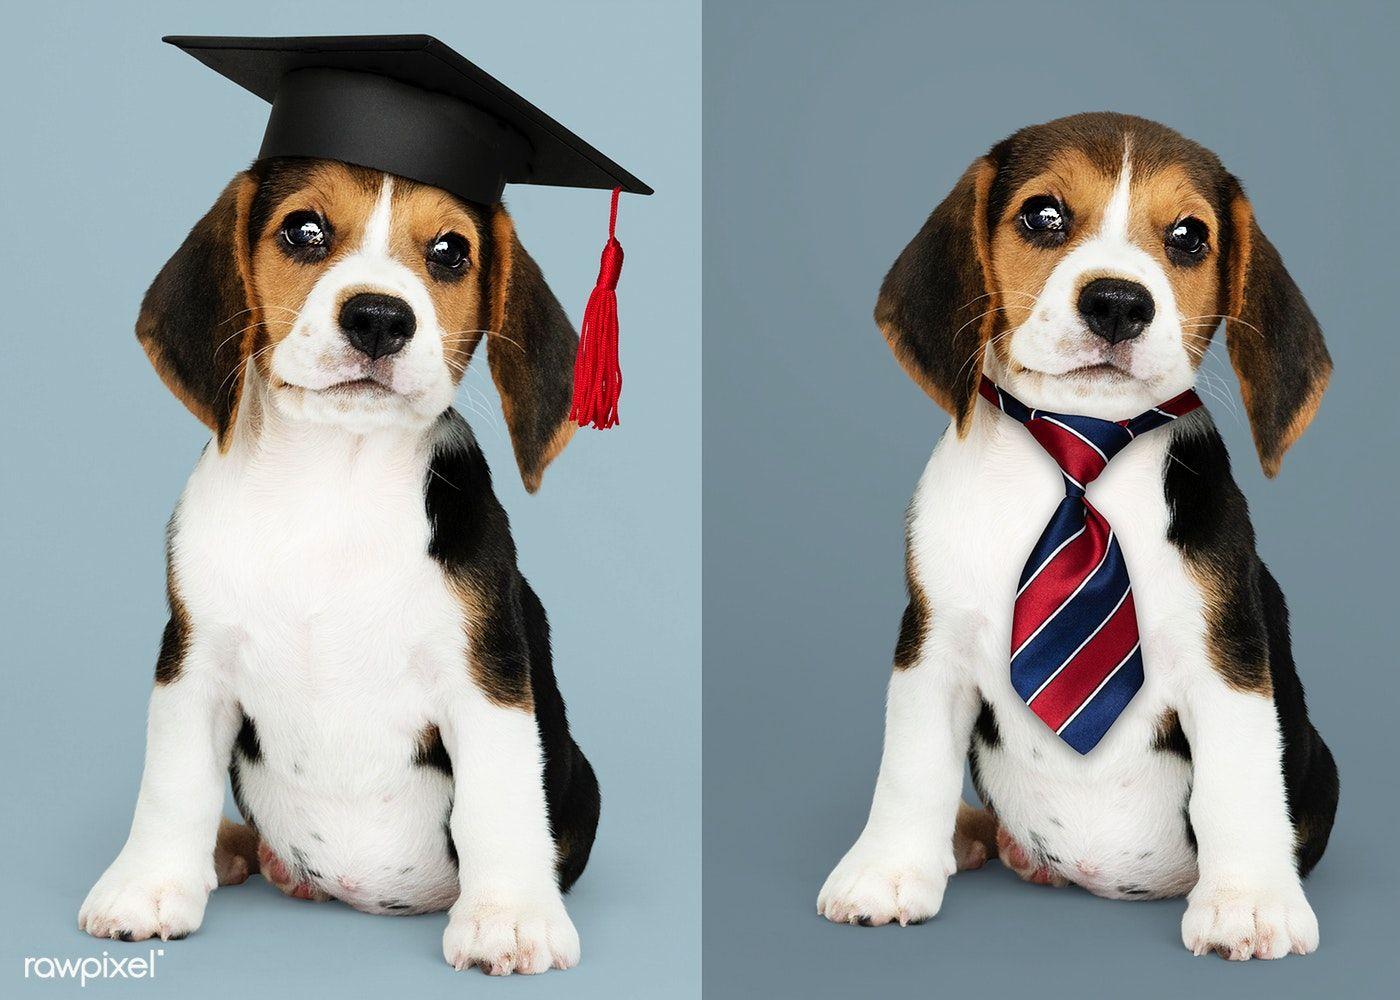 Download Premium Image Of Cute Beagle Puppies In Graduation Cap